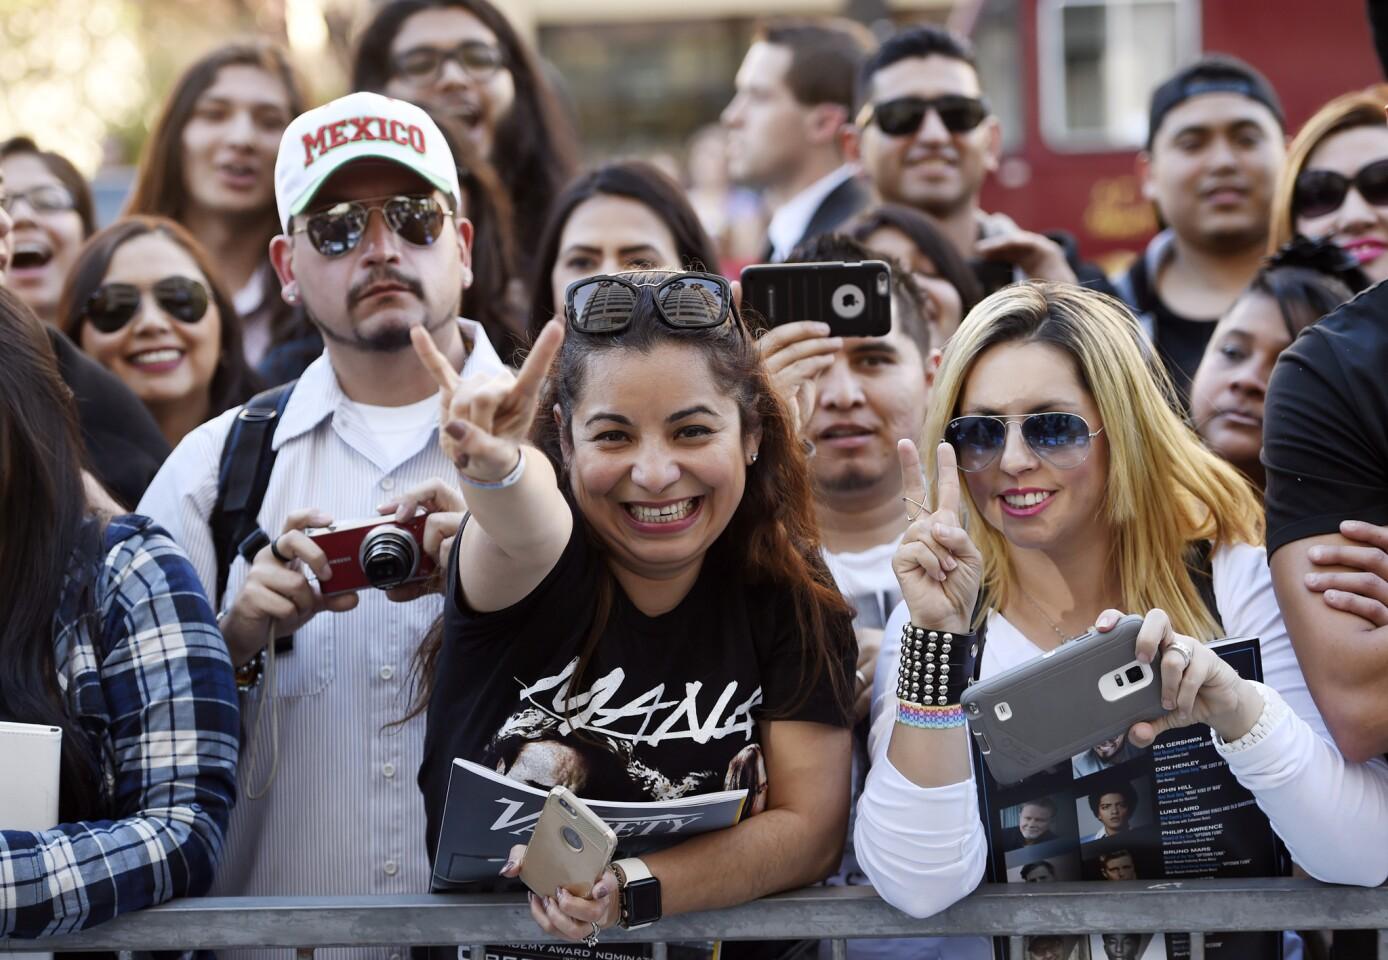 Admiradores de Maná durante la ceremonia de develación de la estrella de la banda mexicana en el Paseo de la Fama de Hollywood. (Foto por Chris Pizzello/Invision/AP)